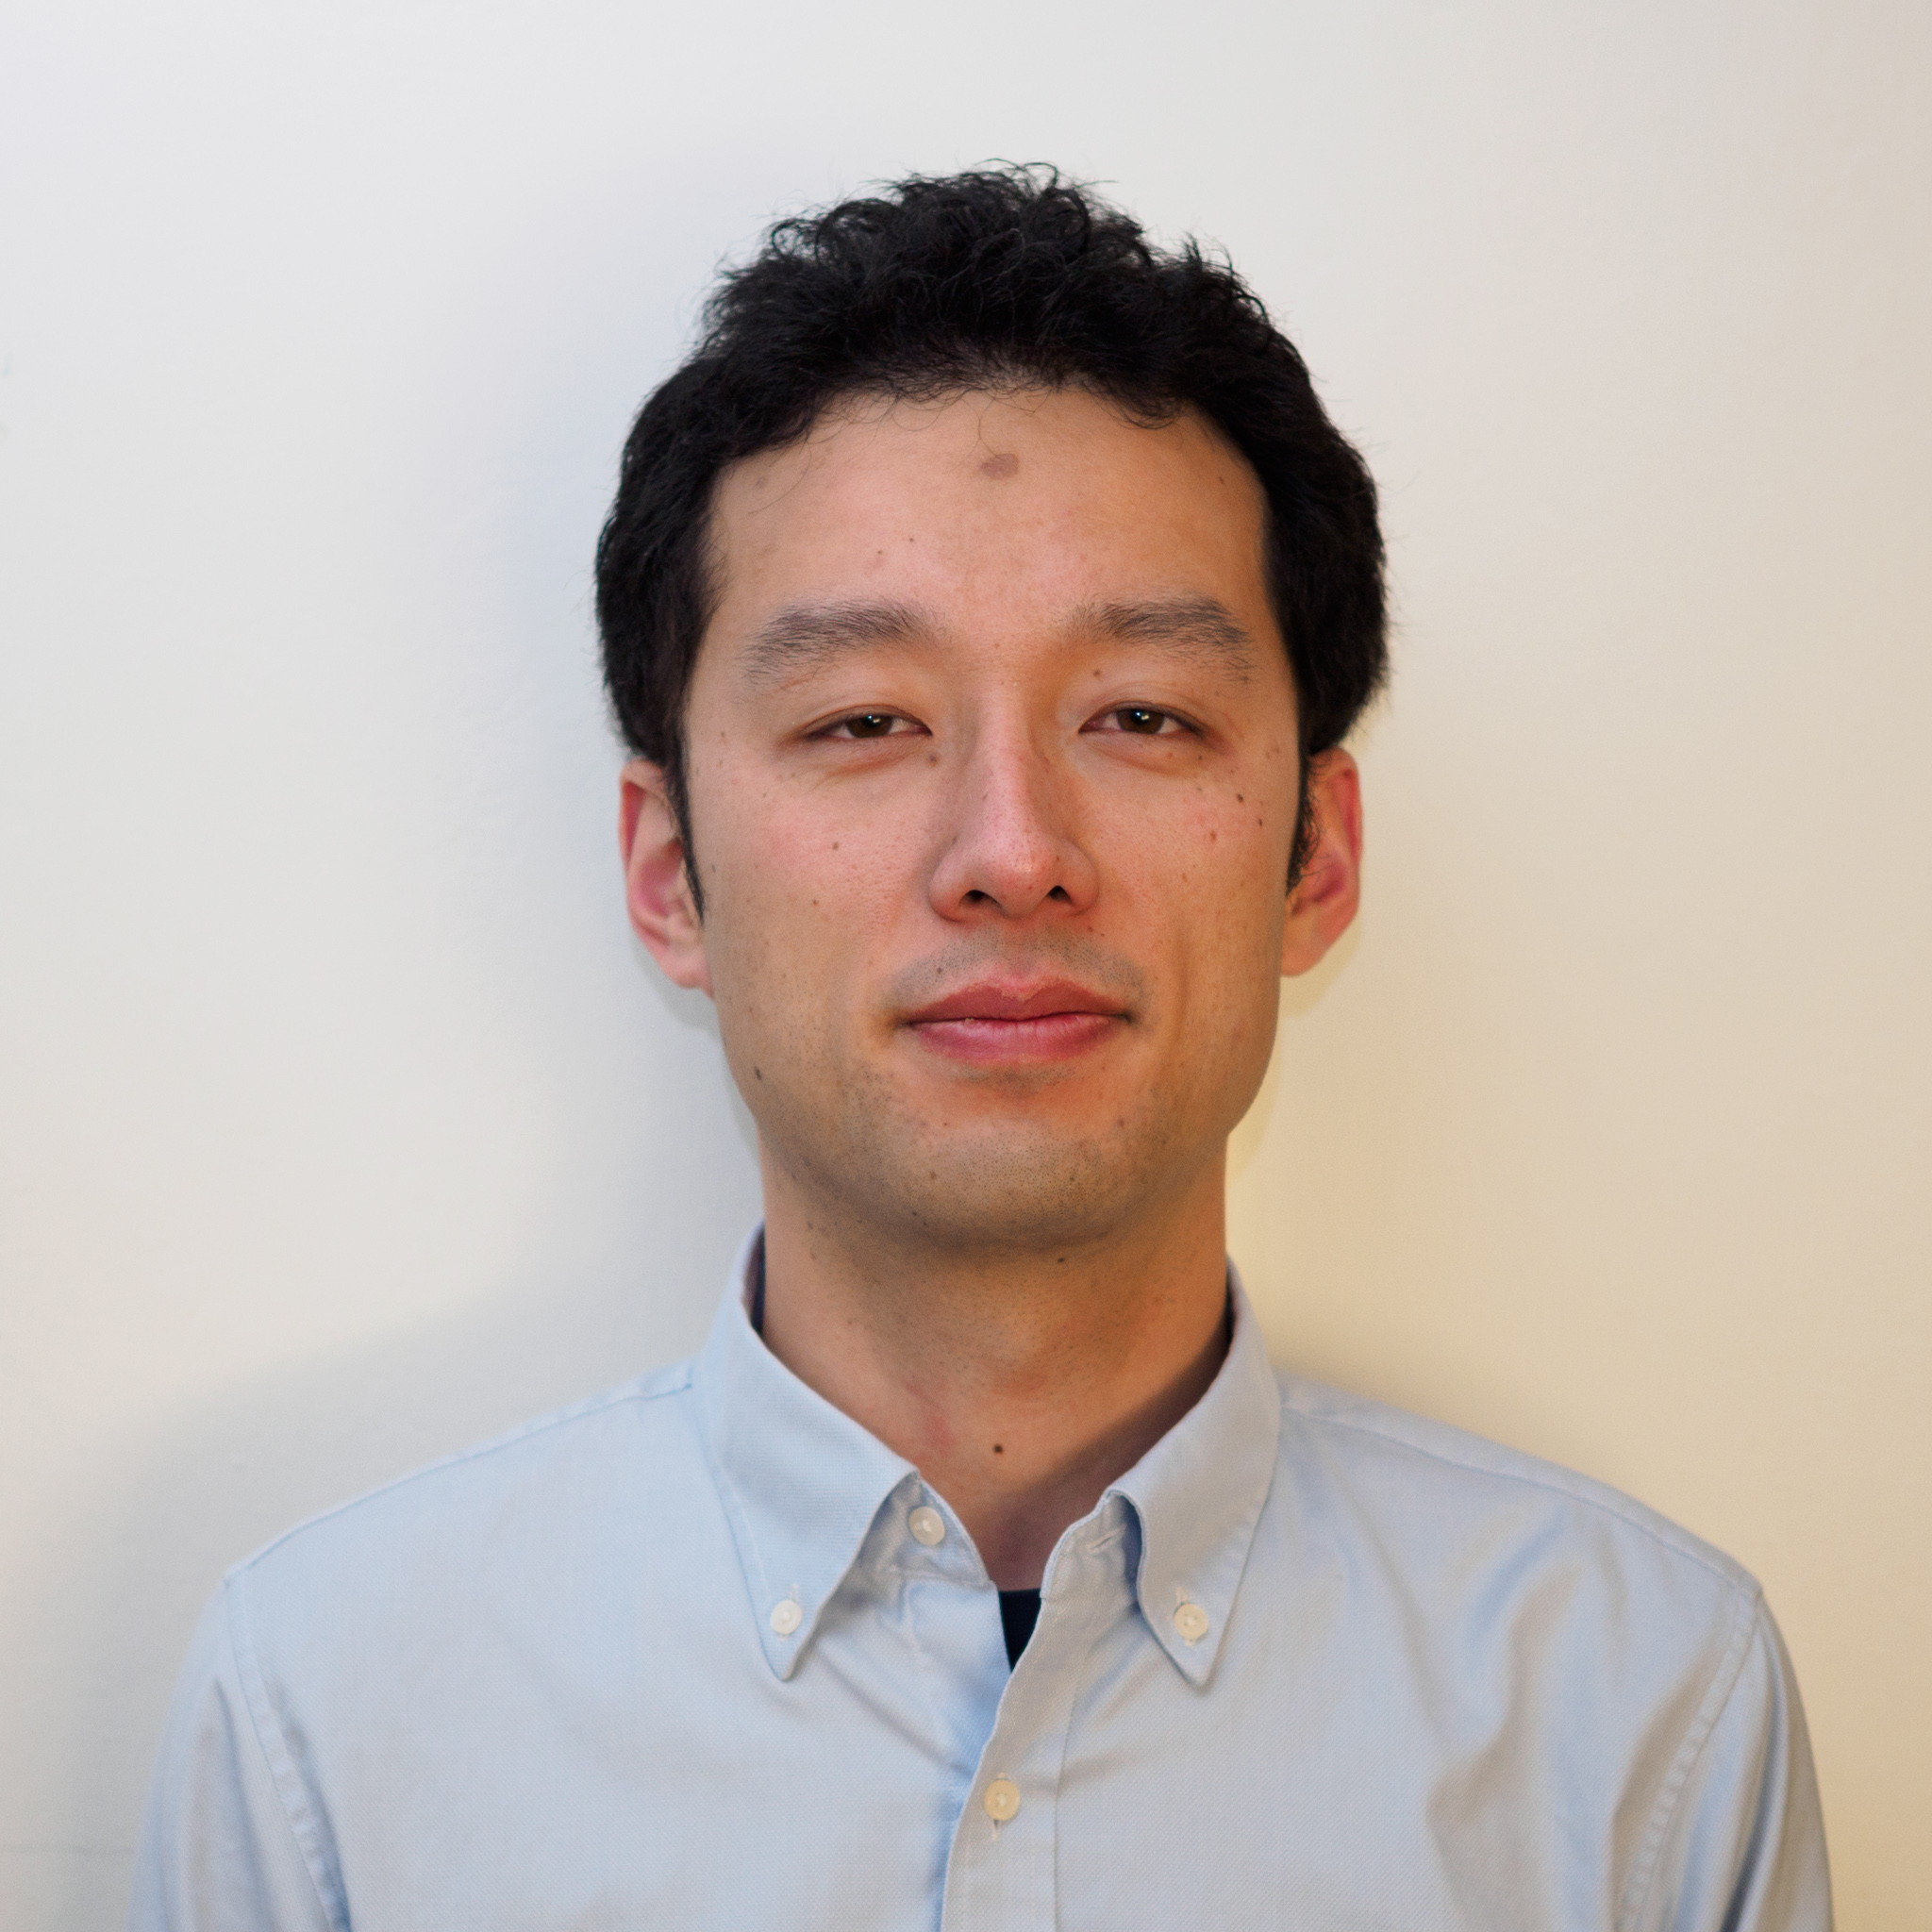 NAKAJIMA, Yasuhiro